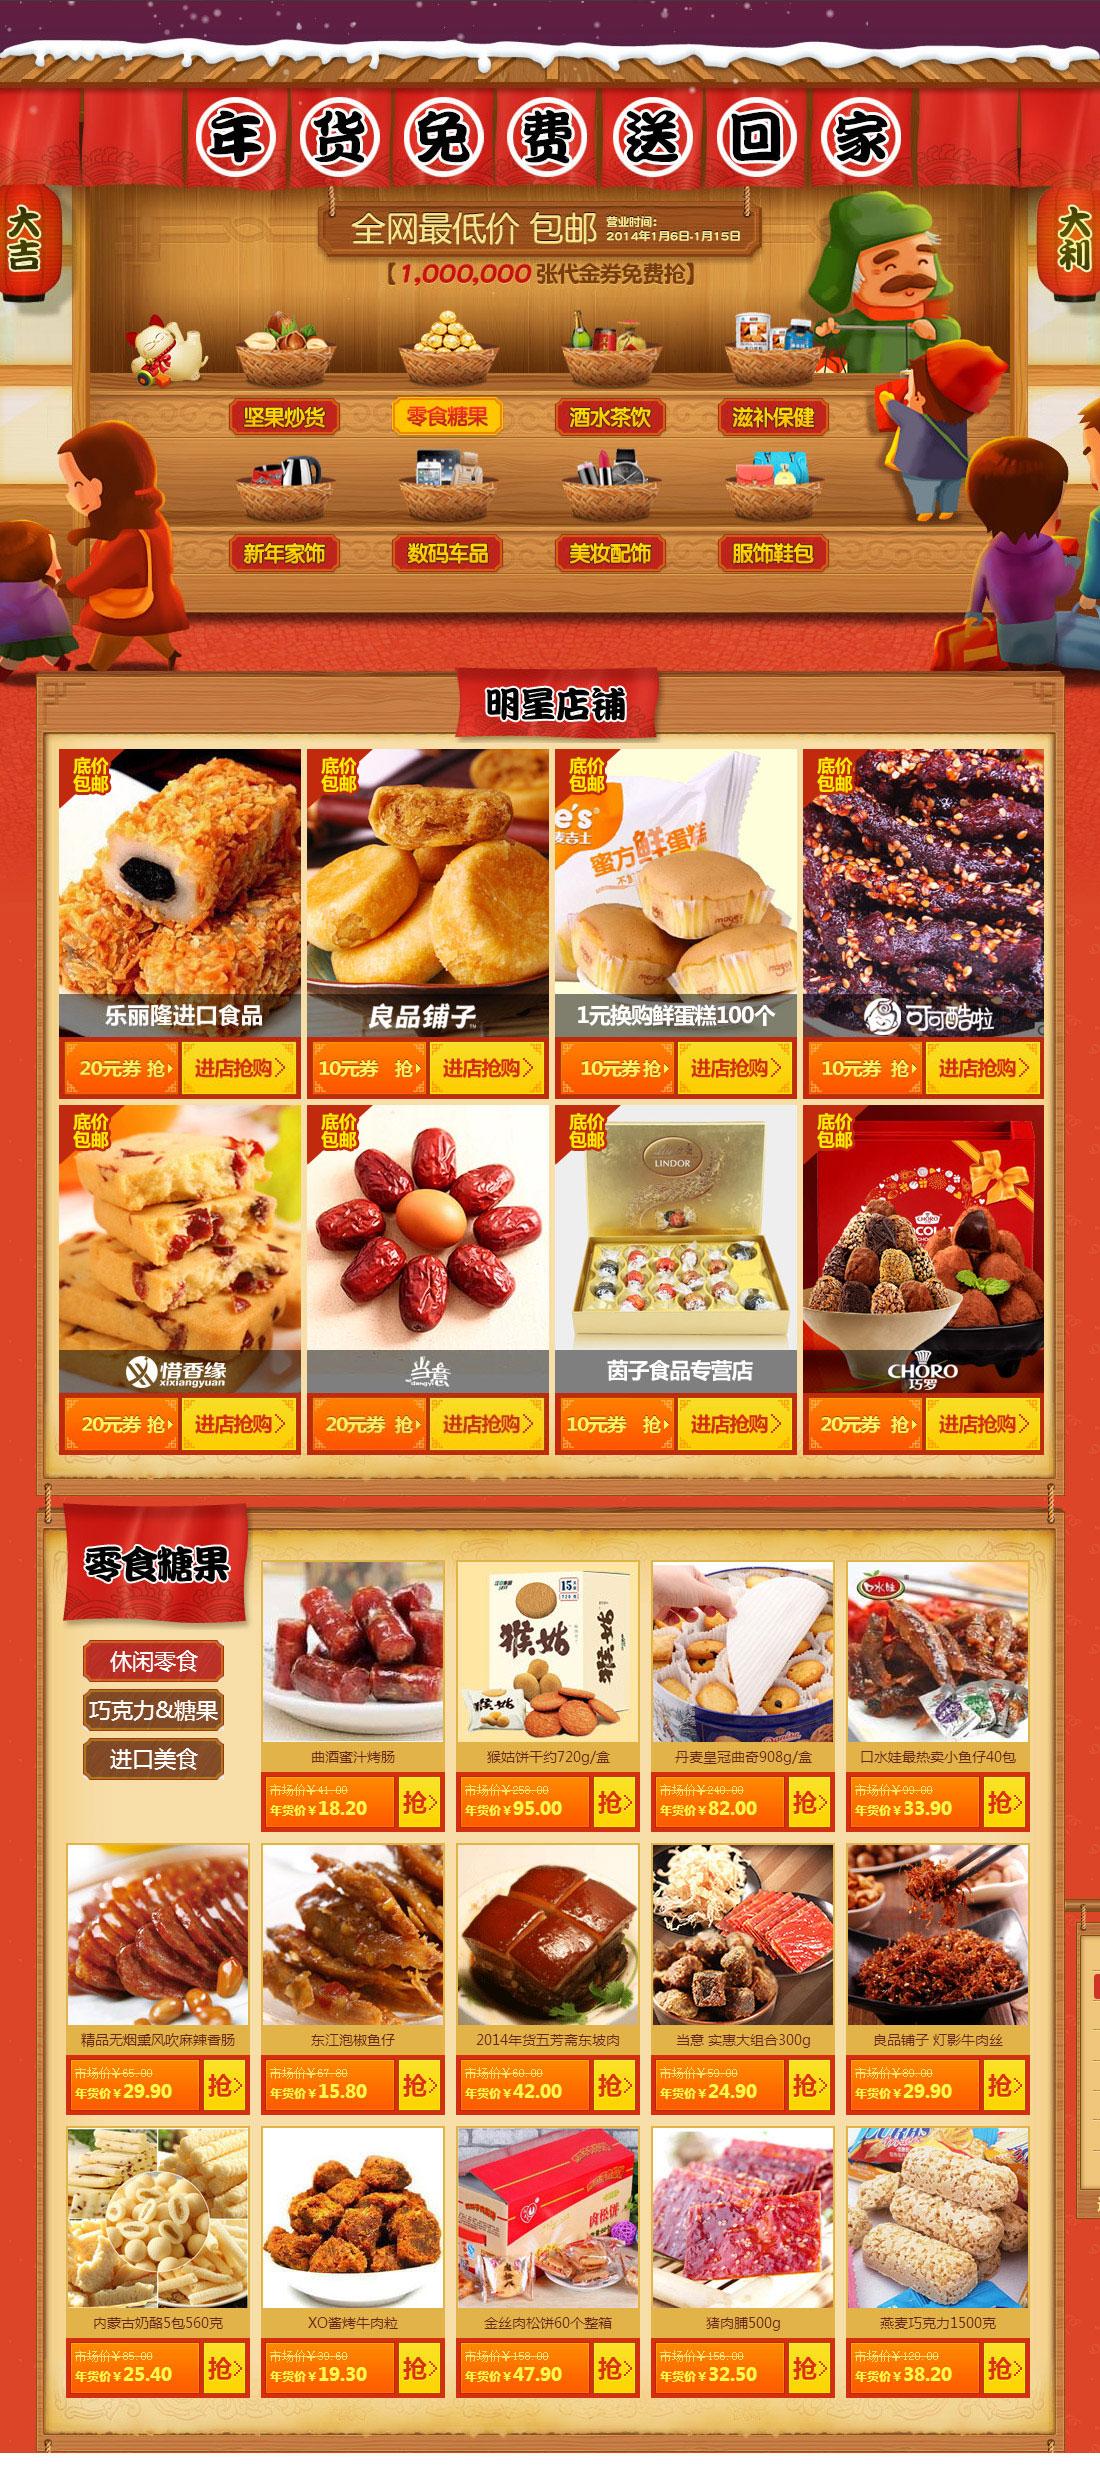 QQ网购 - 年货免费送回家-零食糖果活动专题设计